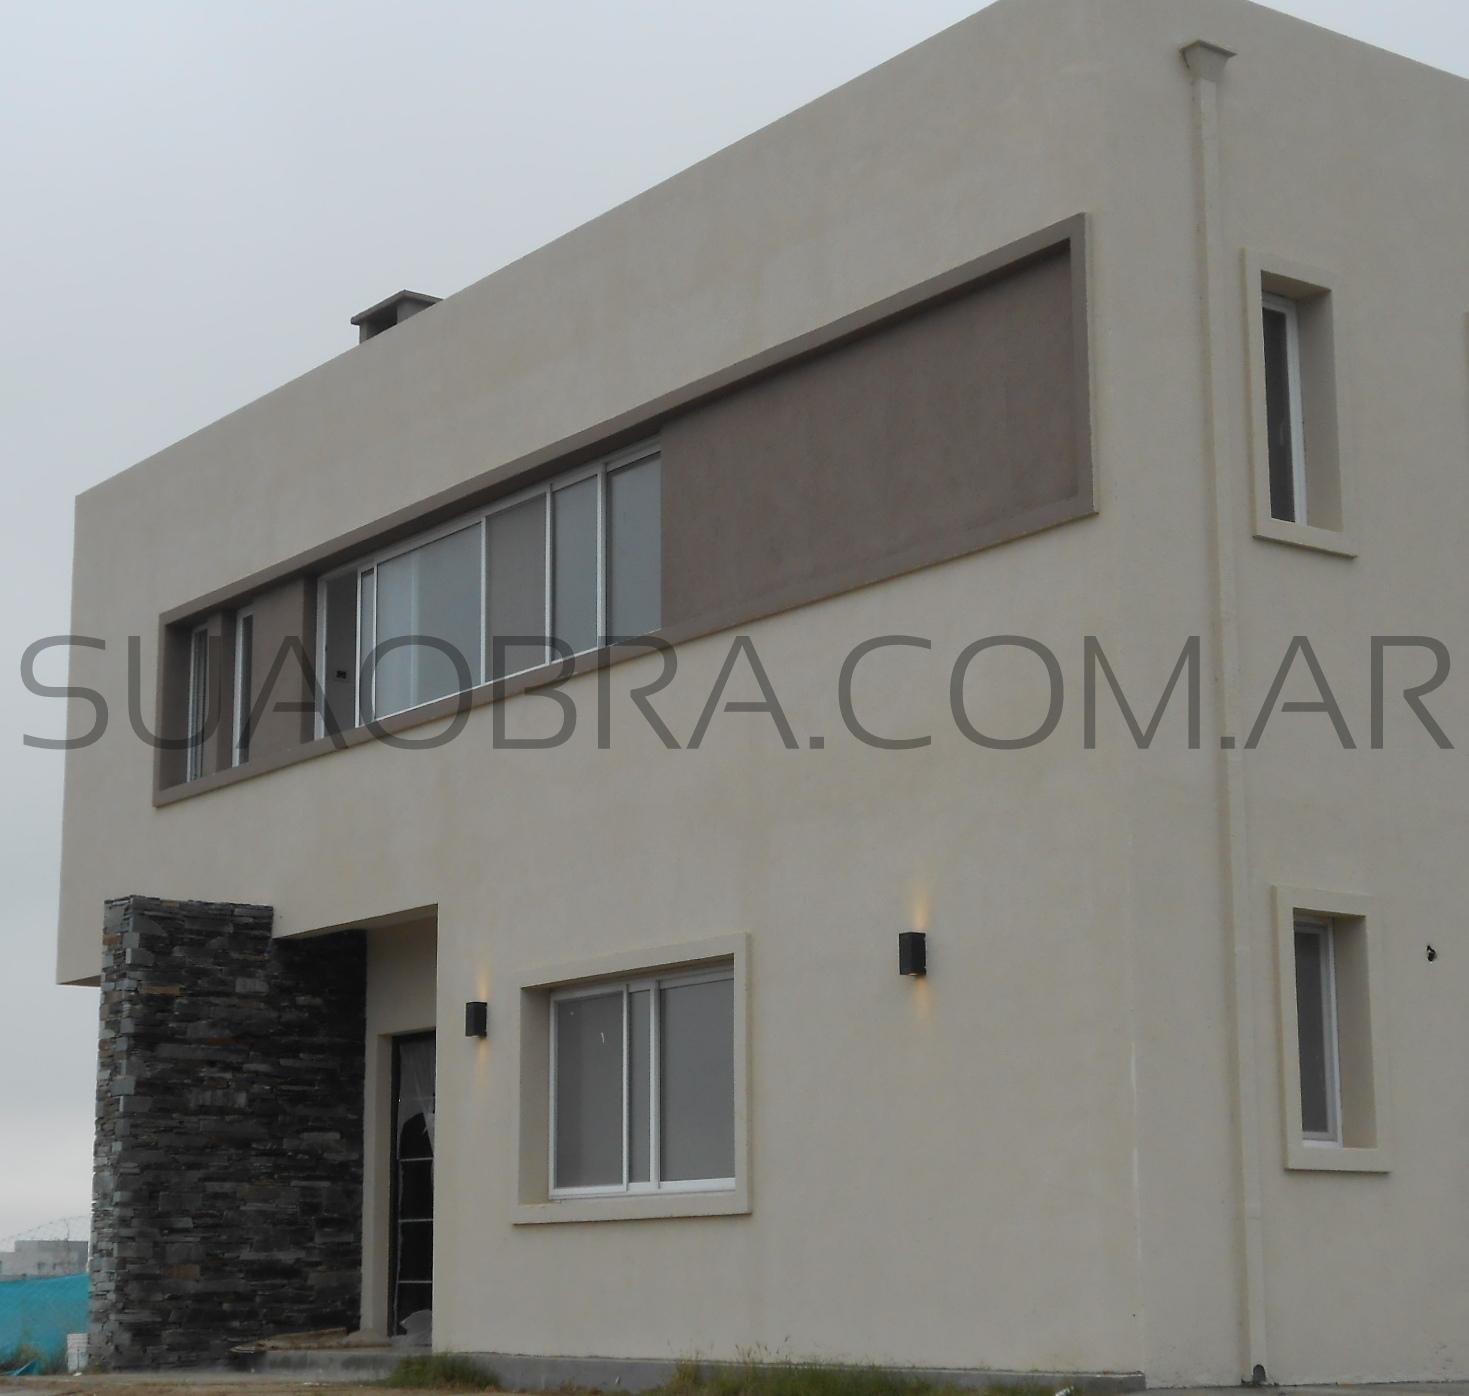 Revestimiento exterior tarquini color recubrimiento de - Revestimientos de paredes exteriores ...